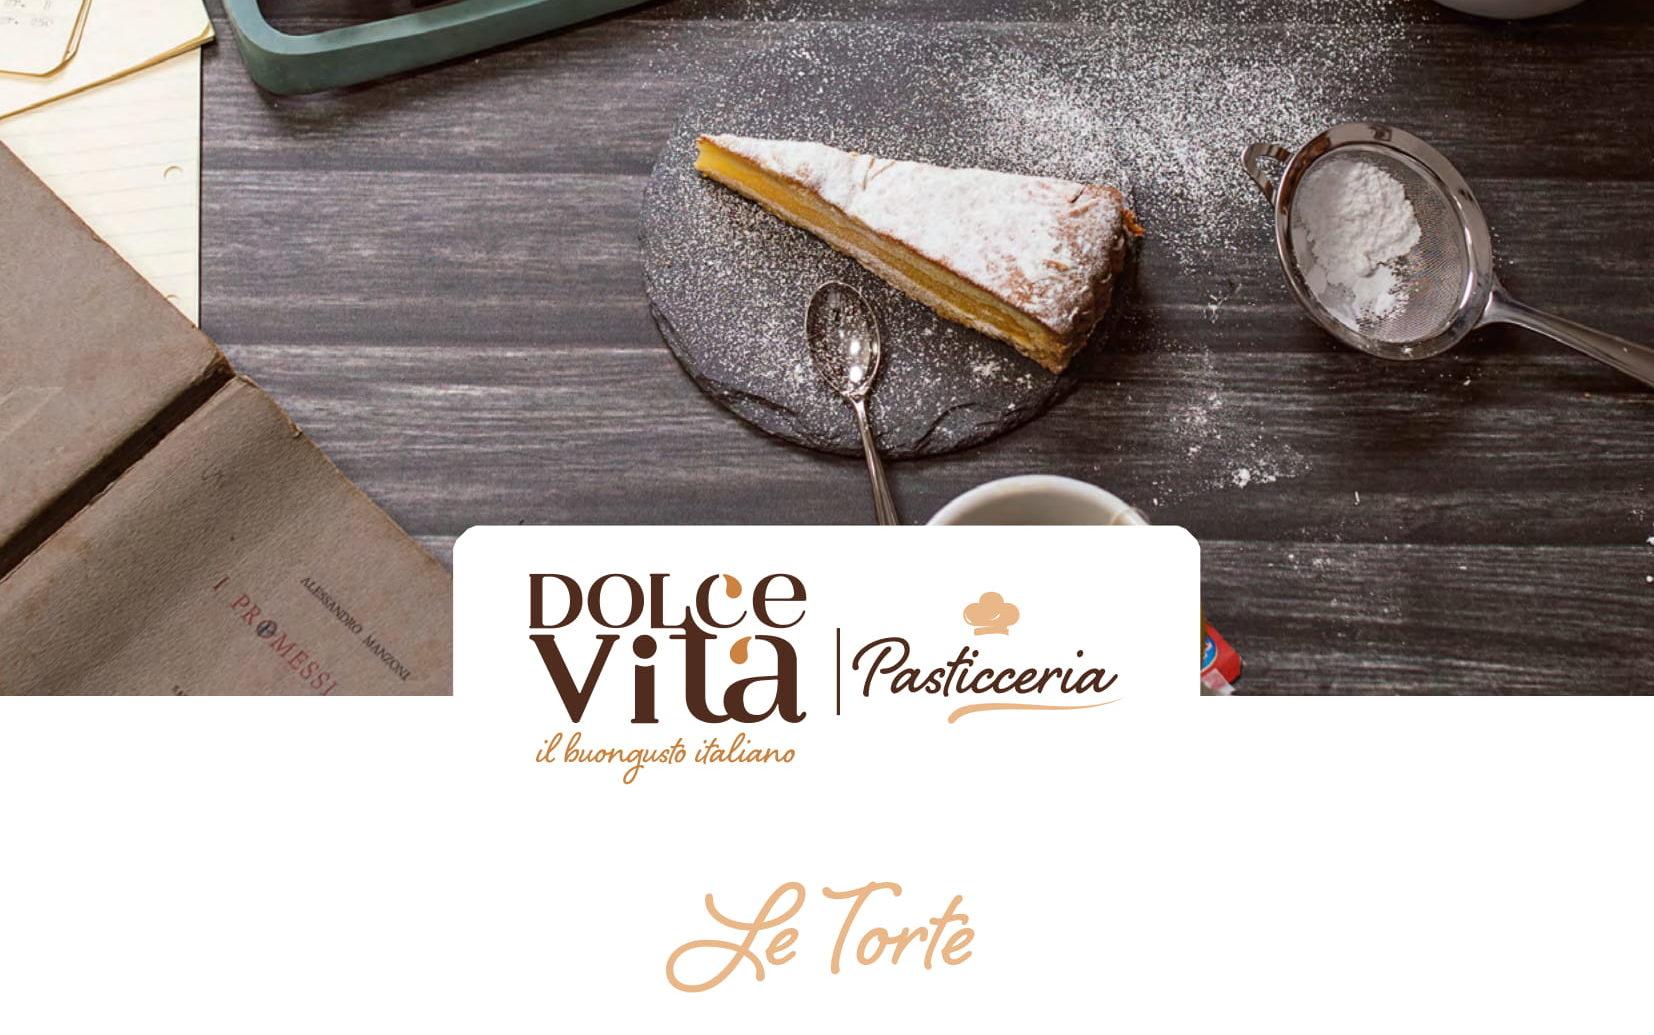 Catalogo_DV PASTICCERIA_web-12